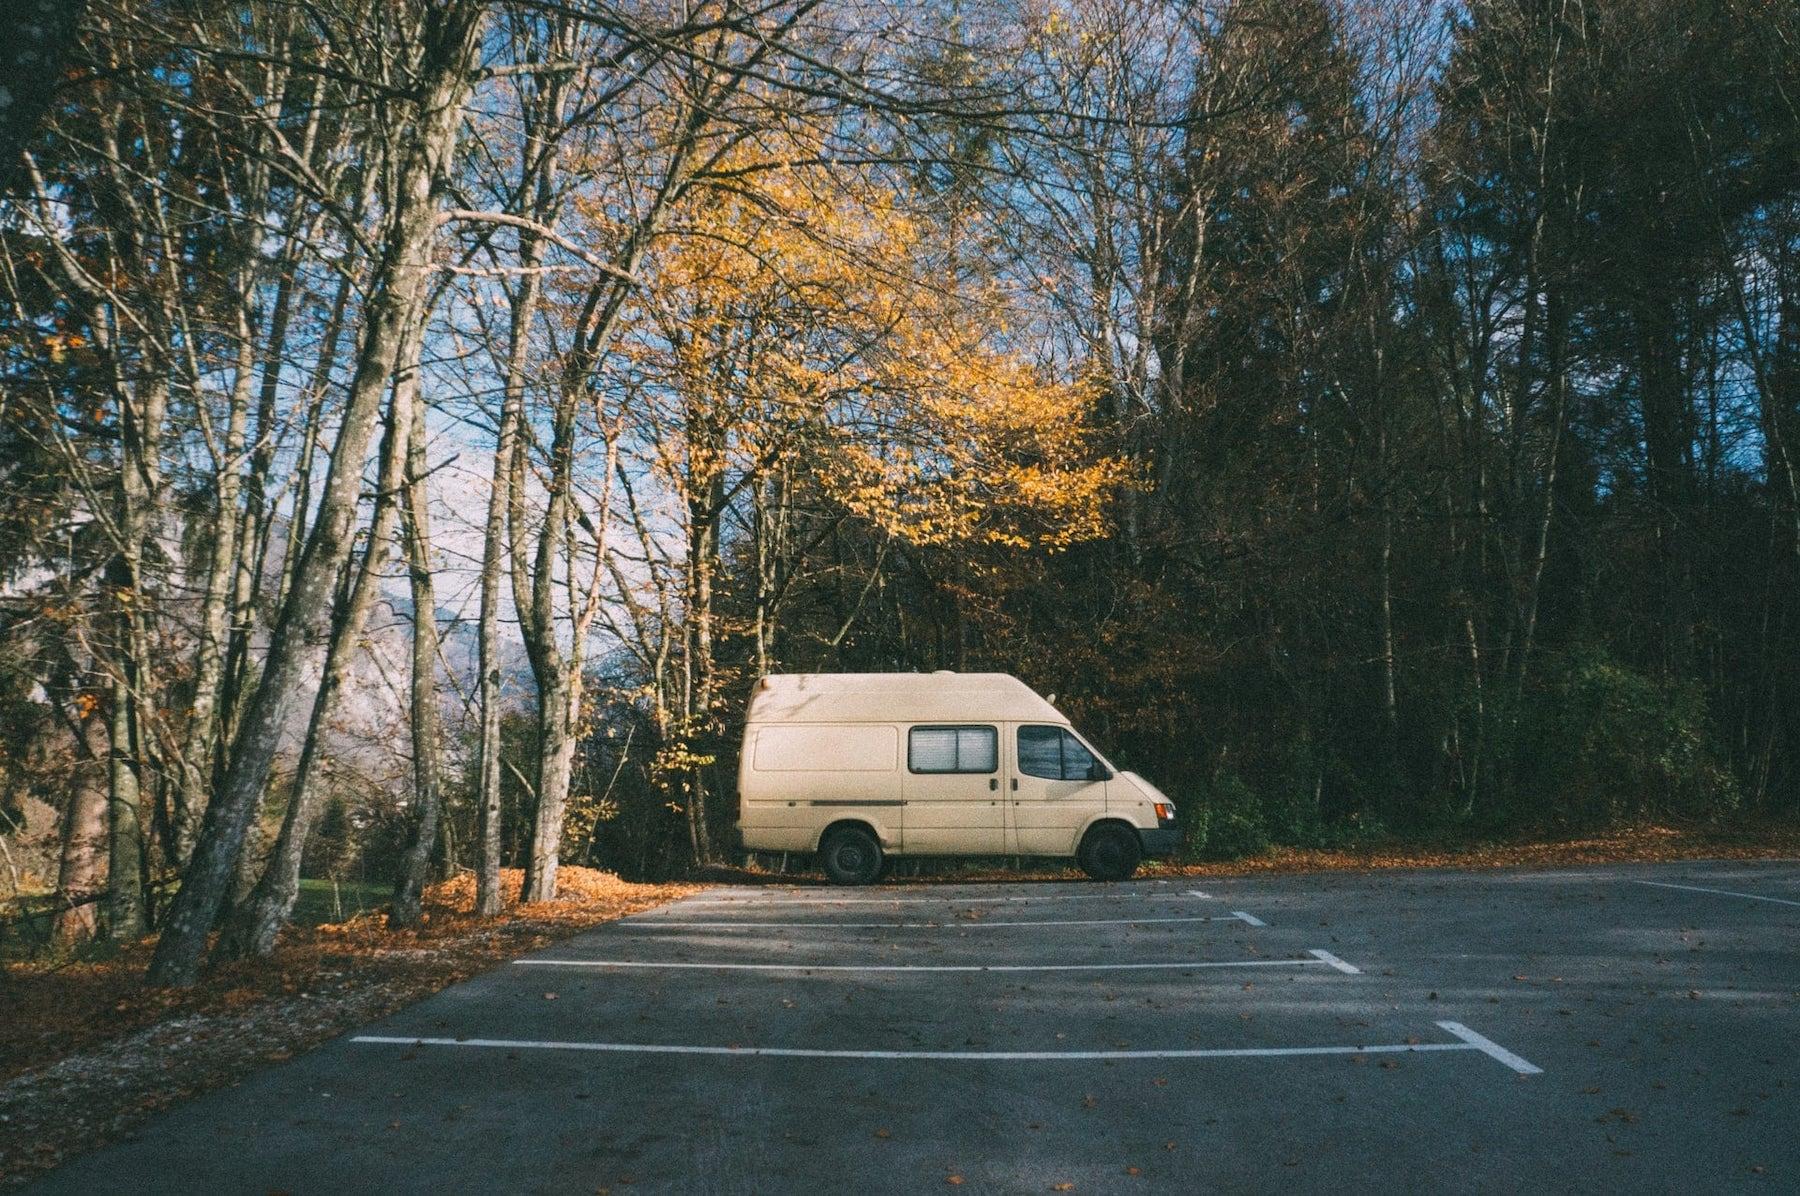 Wild campen Wohnmobil urlaub richtig